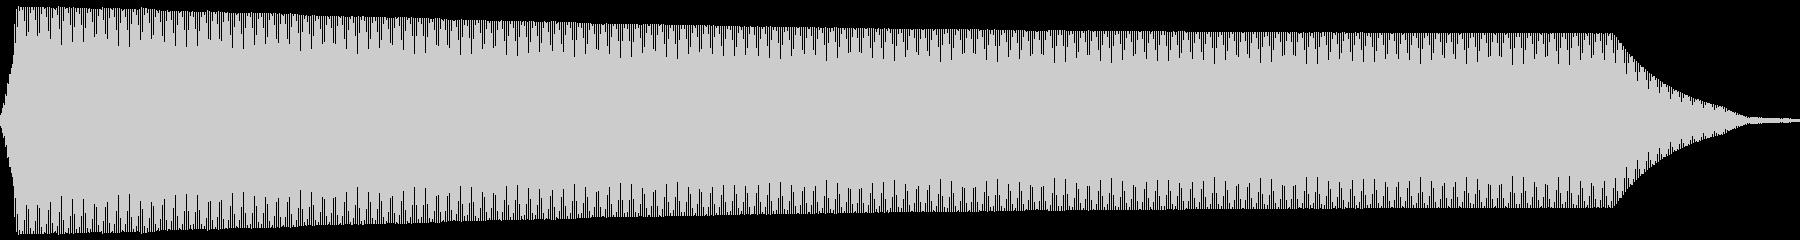 ポー。放送禁止・自主規制音(低・短)の未再生の波形